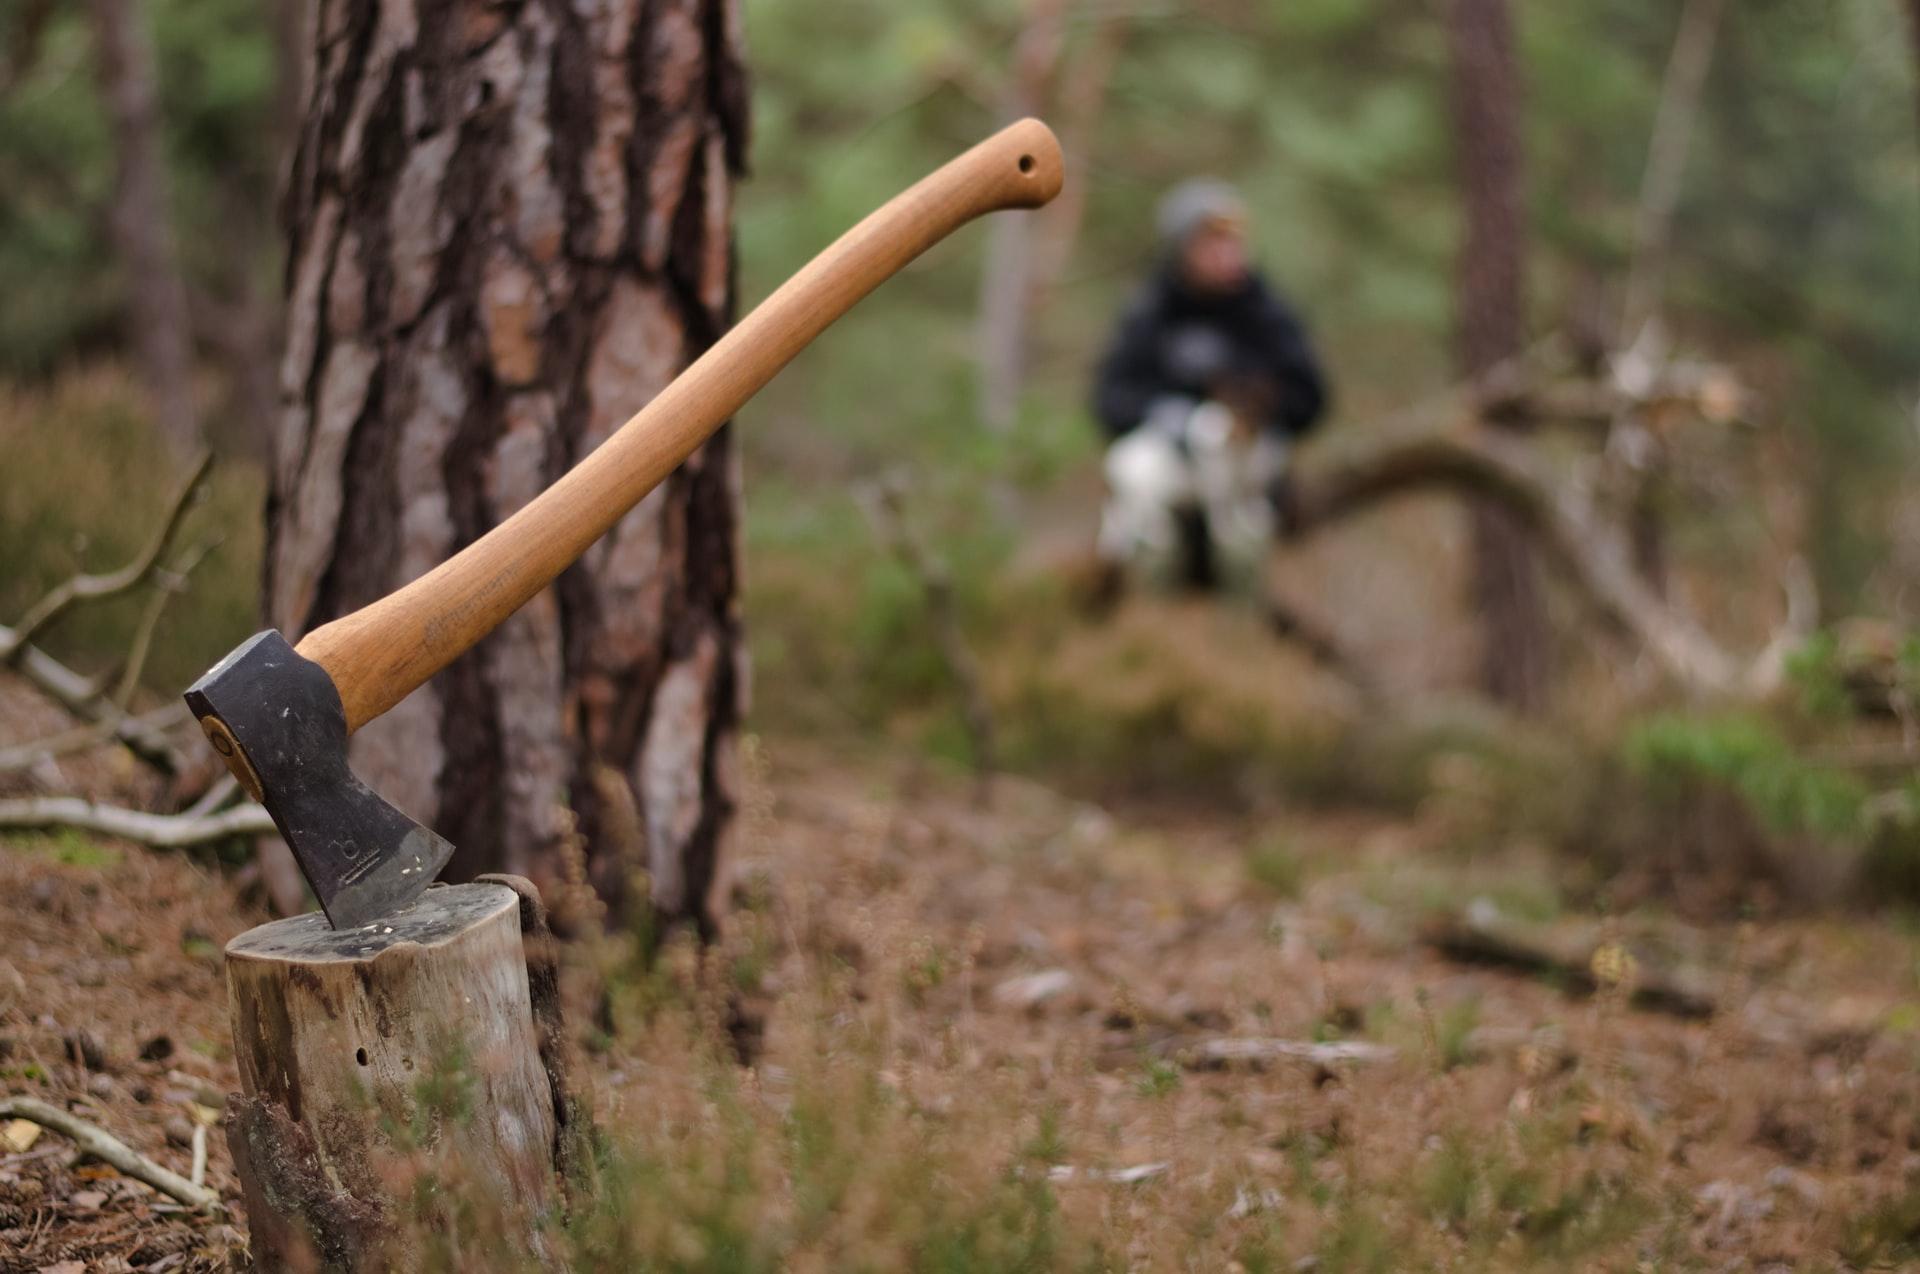 prepper axe